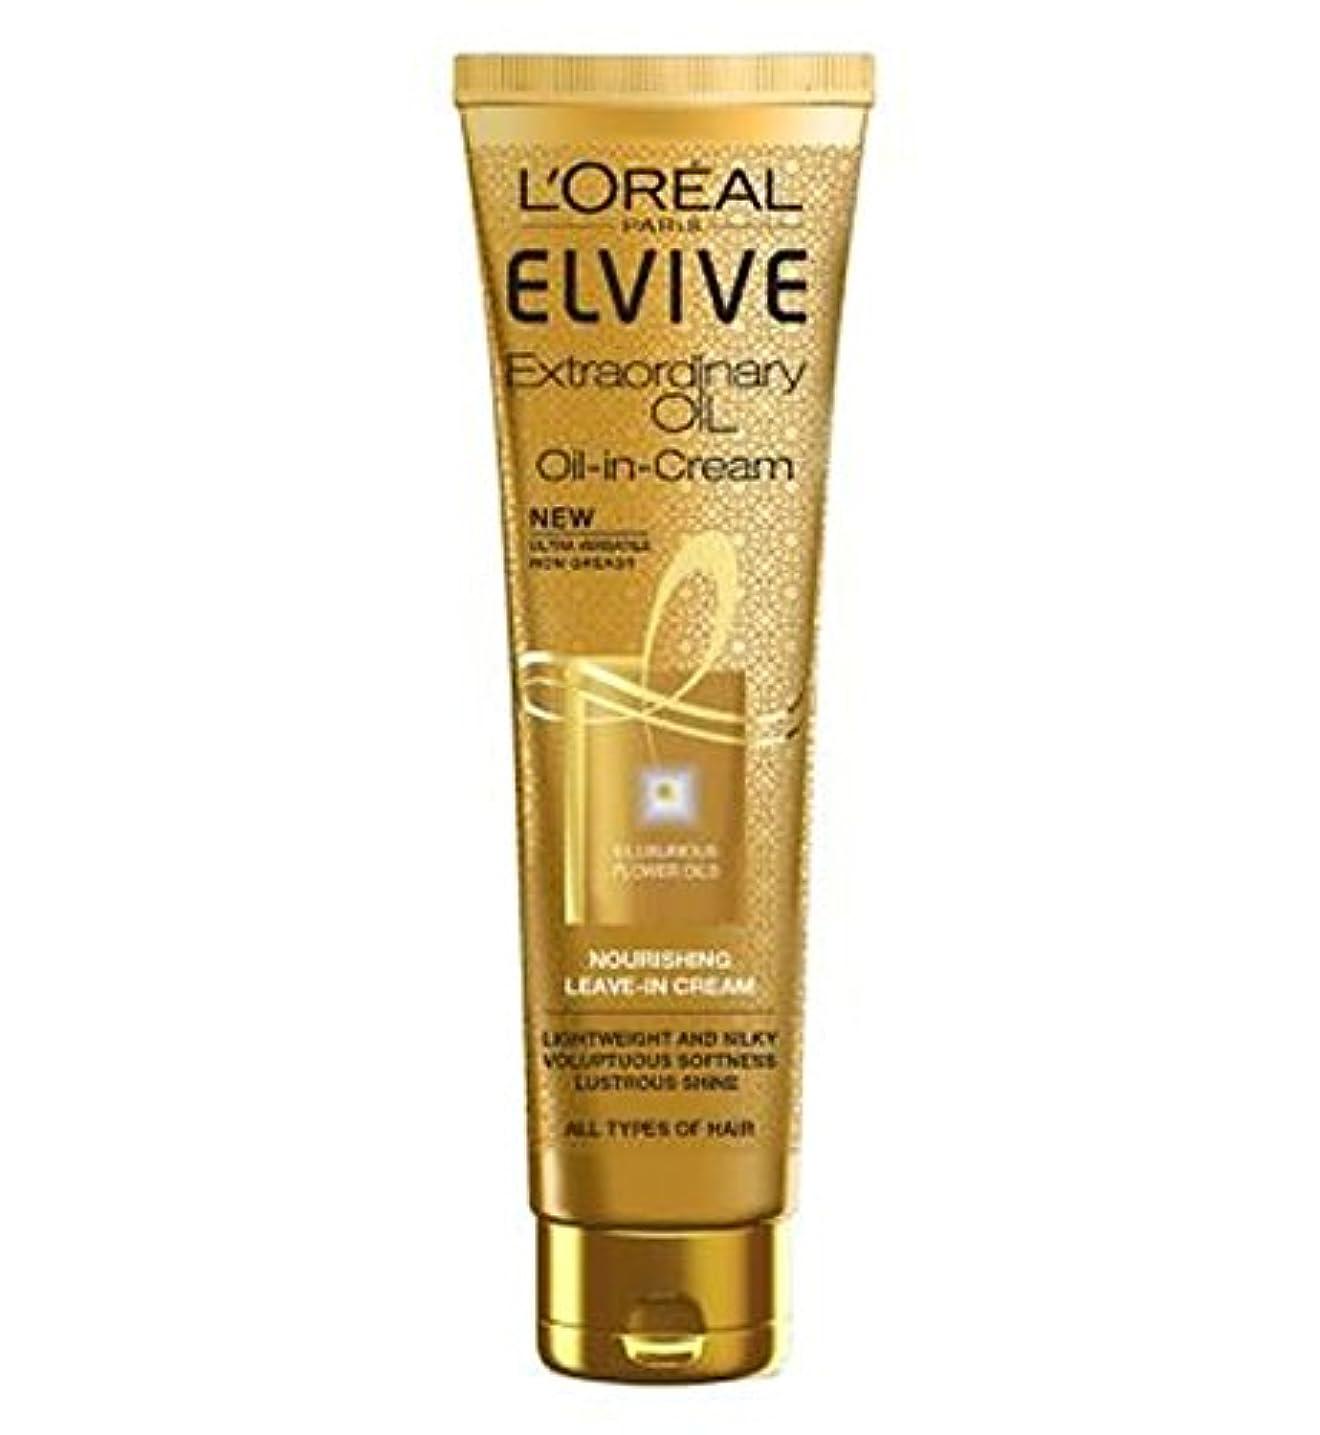 試用ラグシリーズすべての髪のタイプのクリームでロレアルパリElvive臨時オイル (L'Oreal) (x2) - L'Oreal Paris Elvive Extraordinary Oil in Cream All Hair Types...